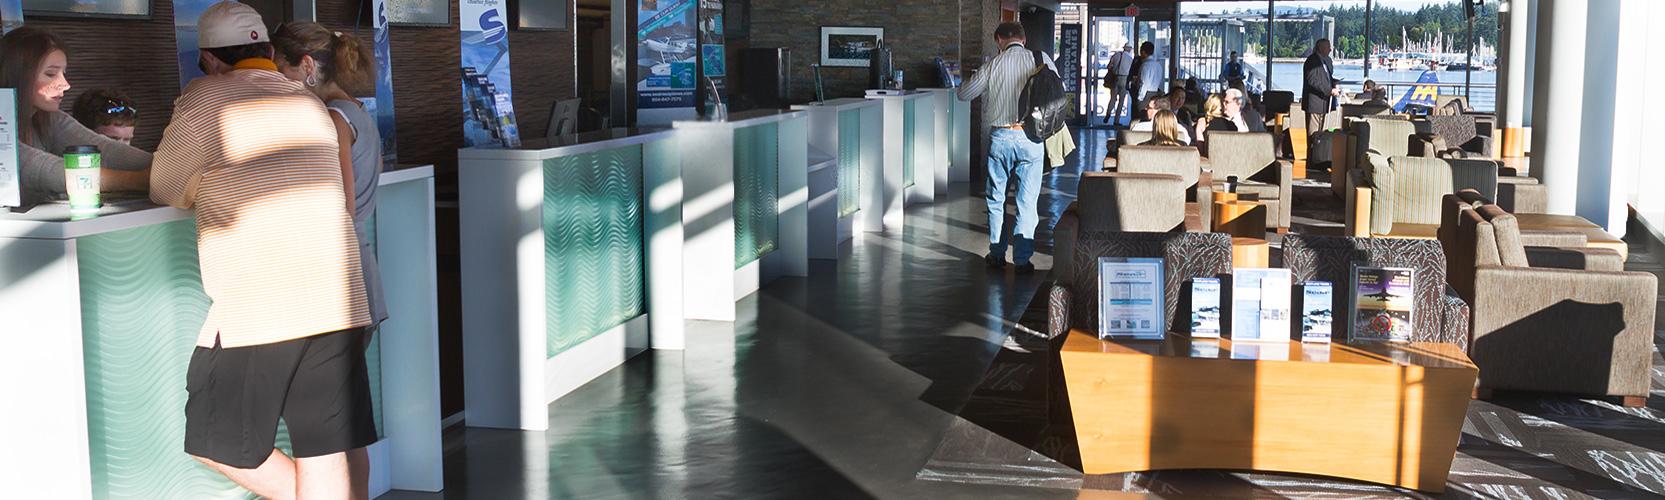 Downtown Vancouver Seaplane Terminal - Vancouver Harbour Flight Centre